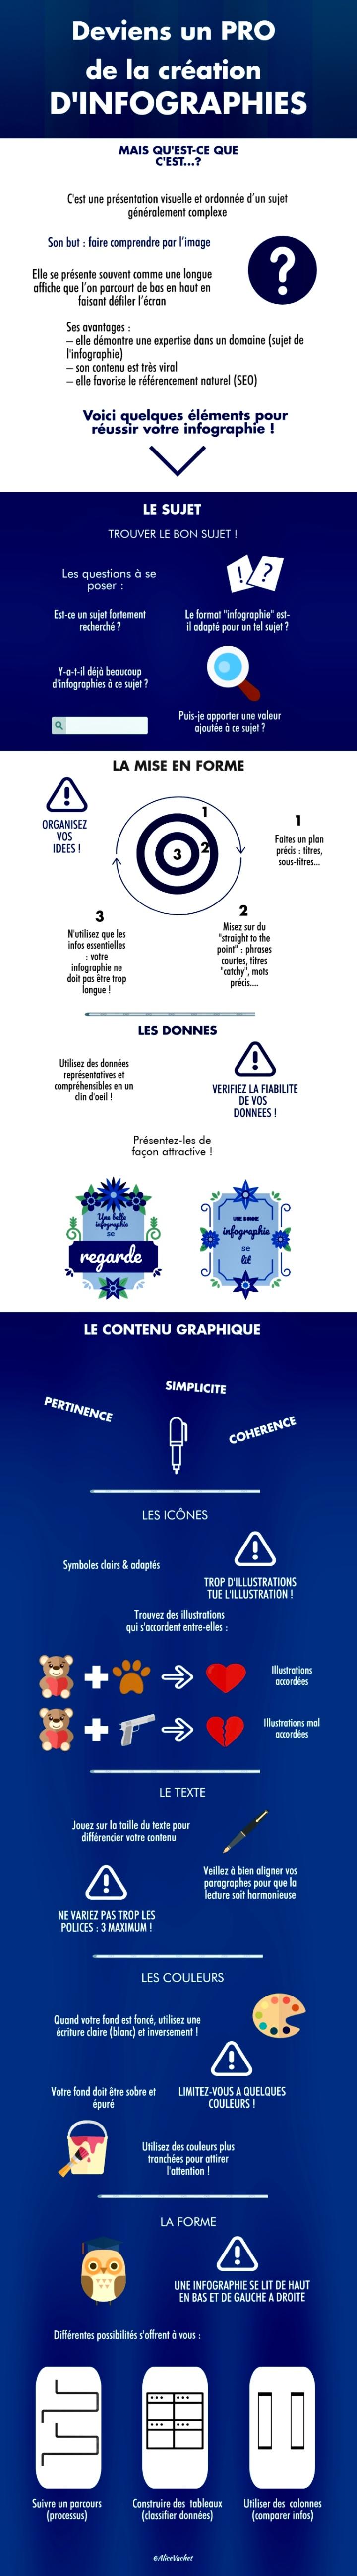 [Content Marketing] Deviens un PRO de la création d'Infographie 🏆